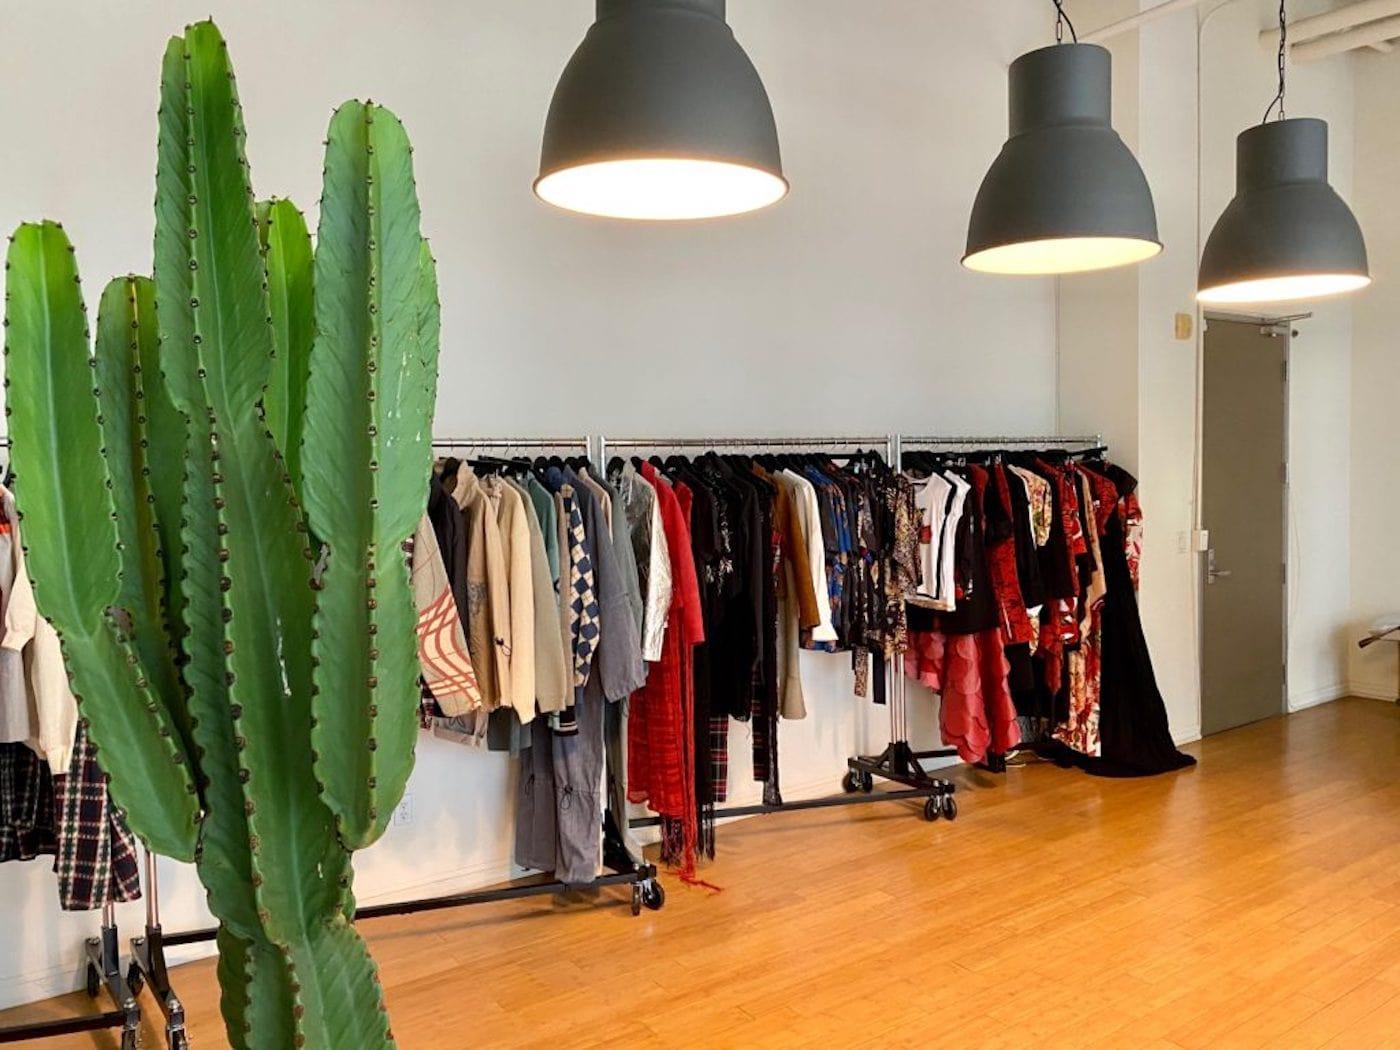 Vegan Fashion Library showroom